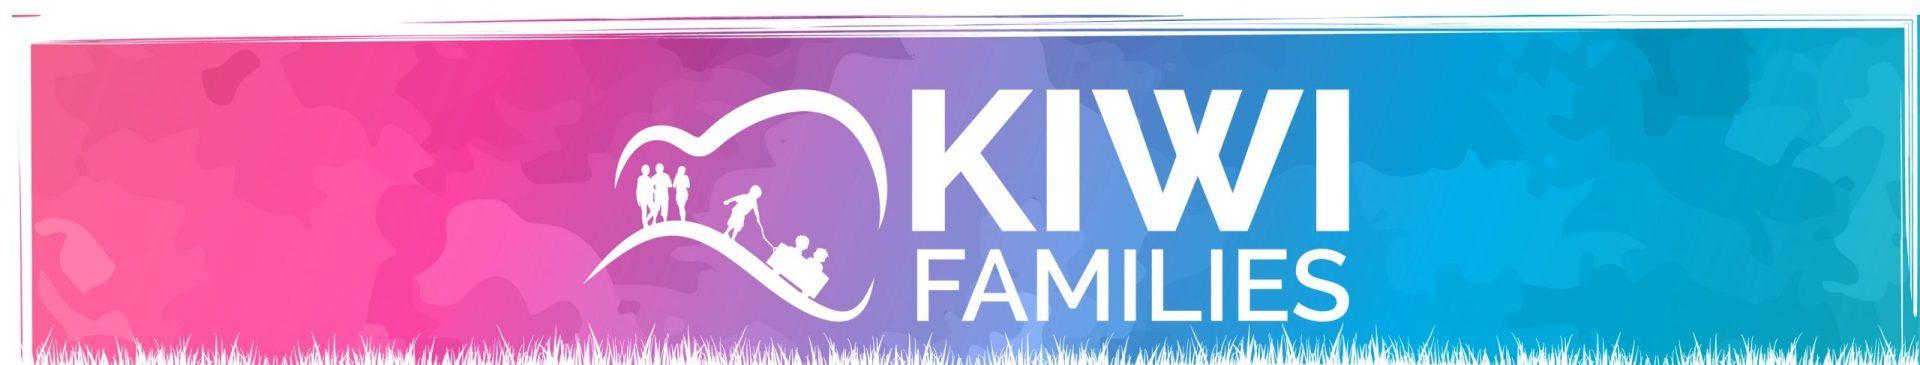 Kiwi Families